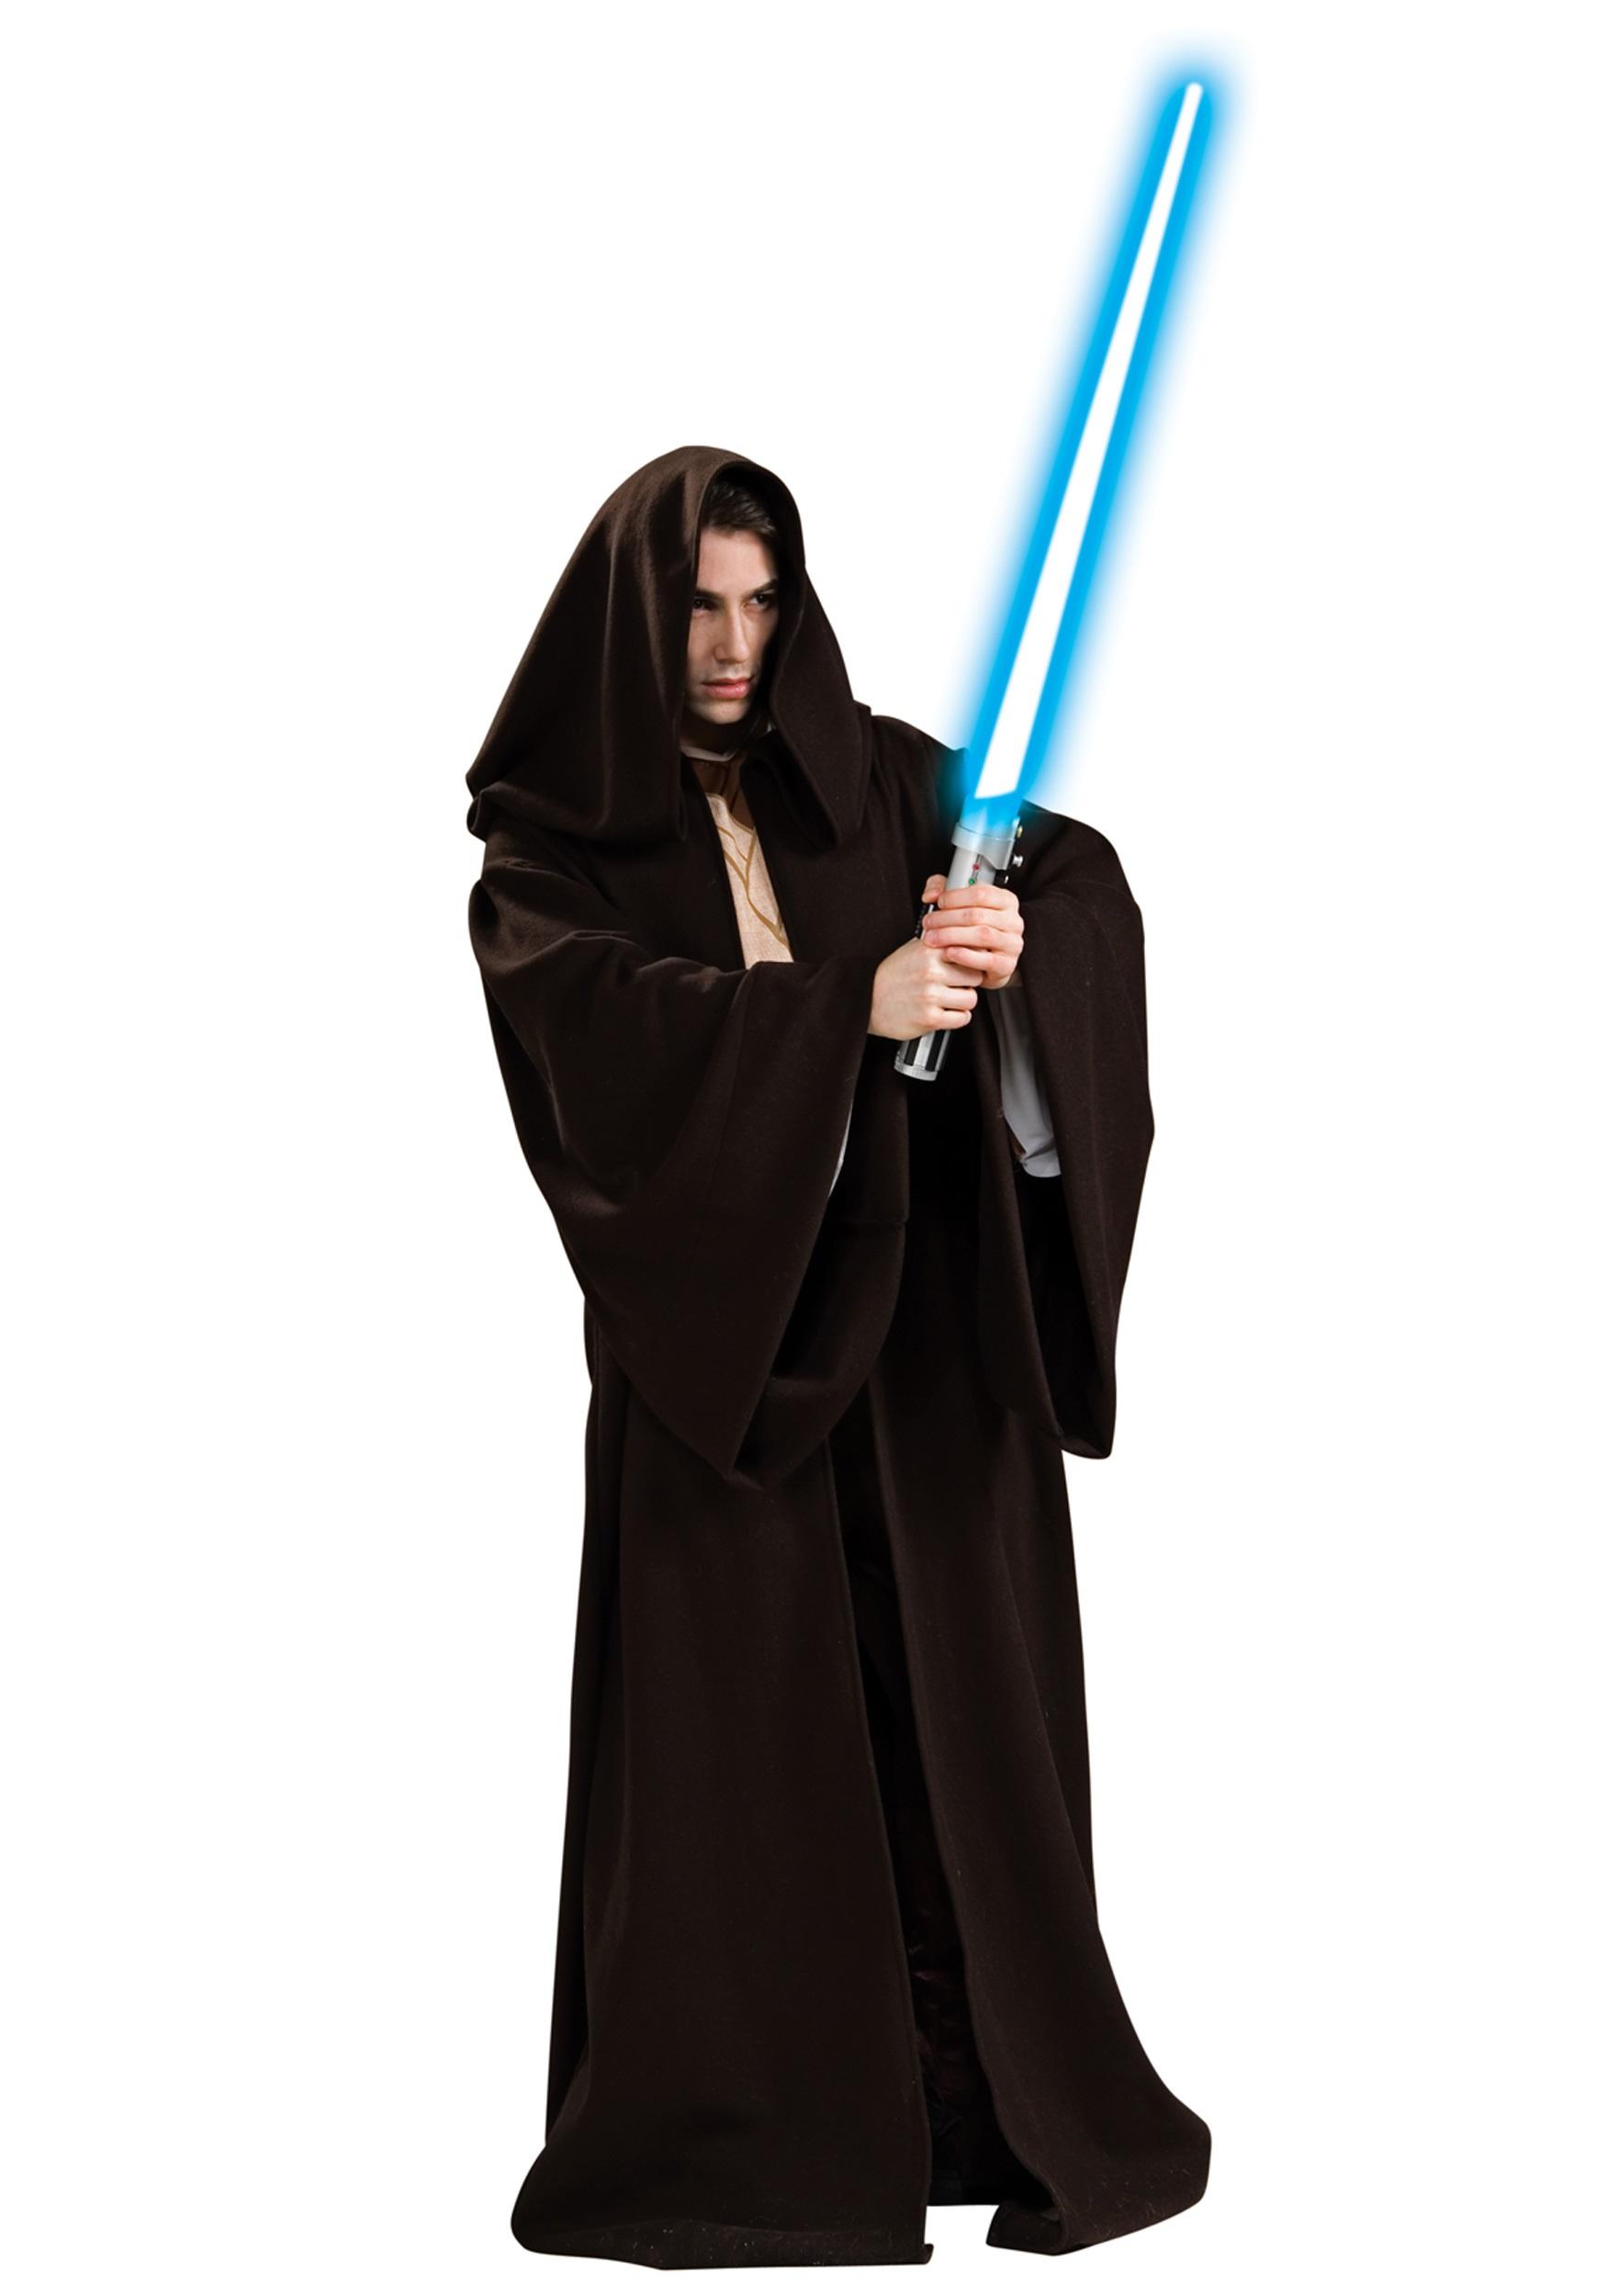 d85e25c3a1 Super Deluxe Jedi Robe Costume from Star Wars